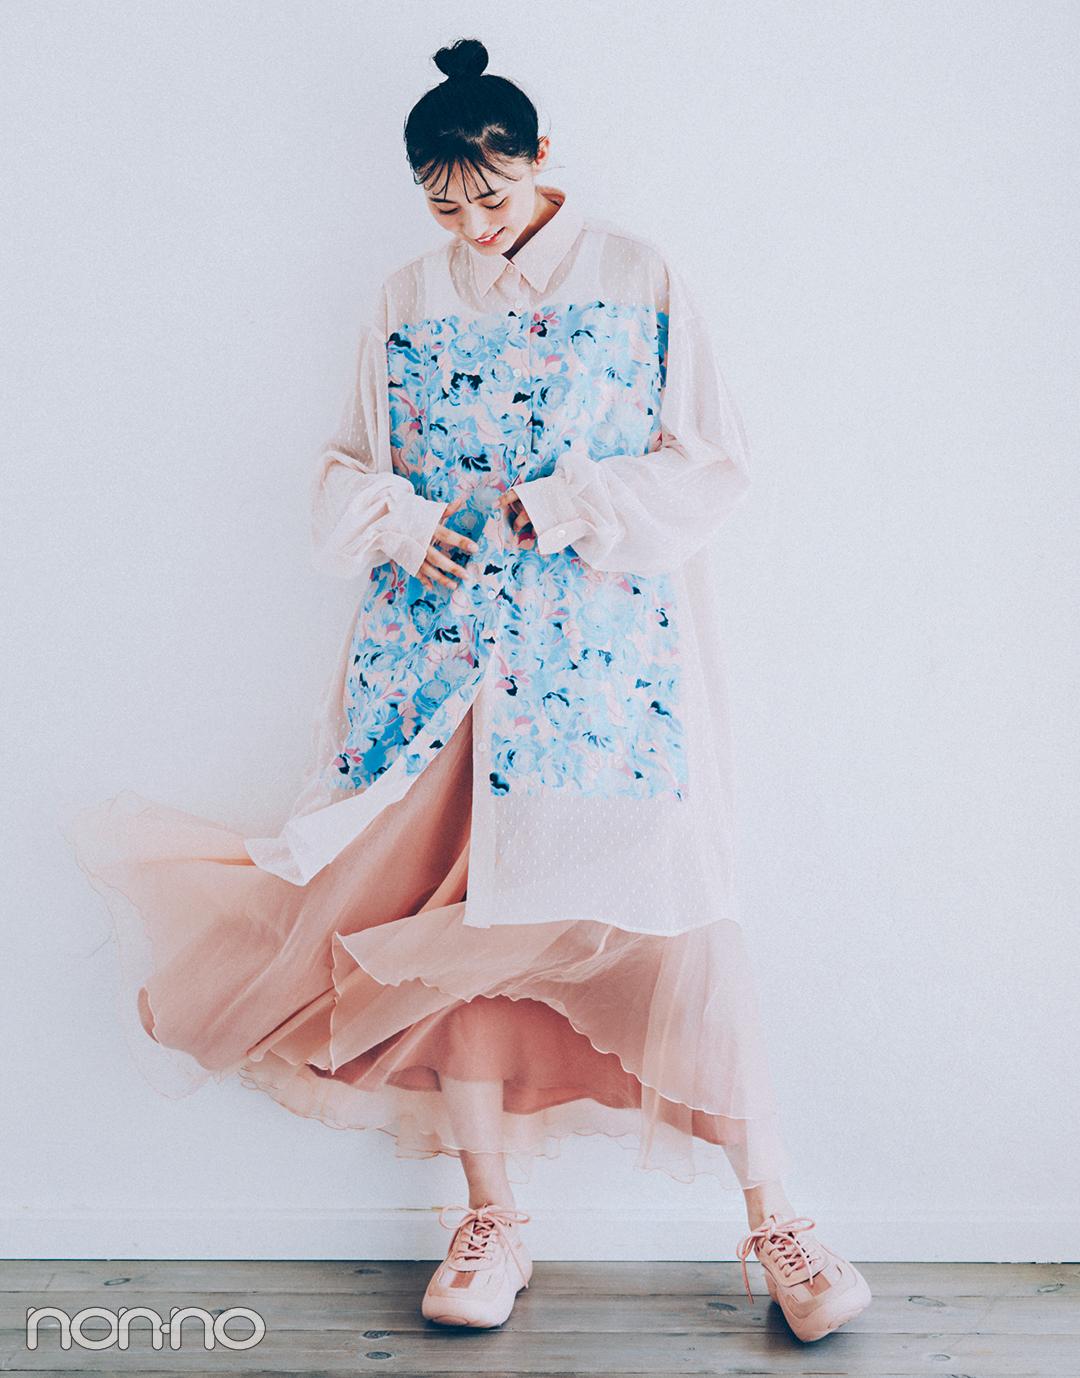 遠藤さくら主演「夏のピンクはエモーショナル」完全版を公開!_1_15